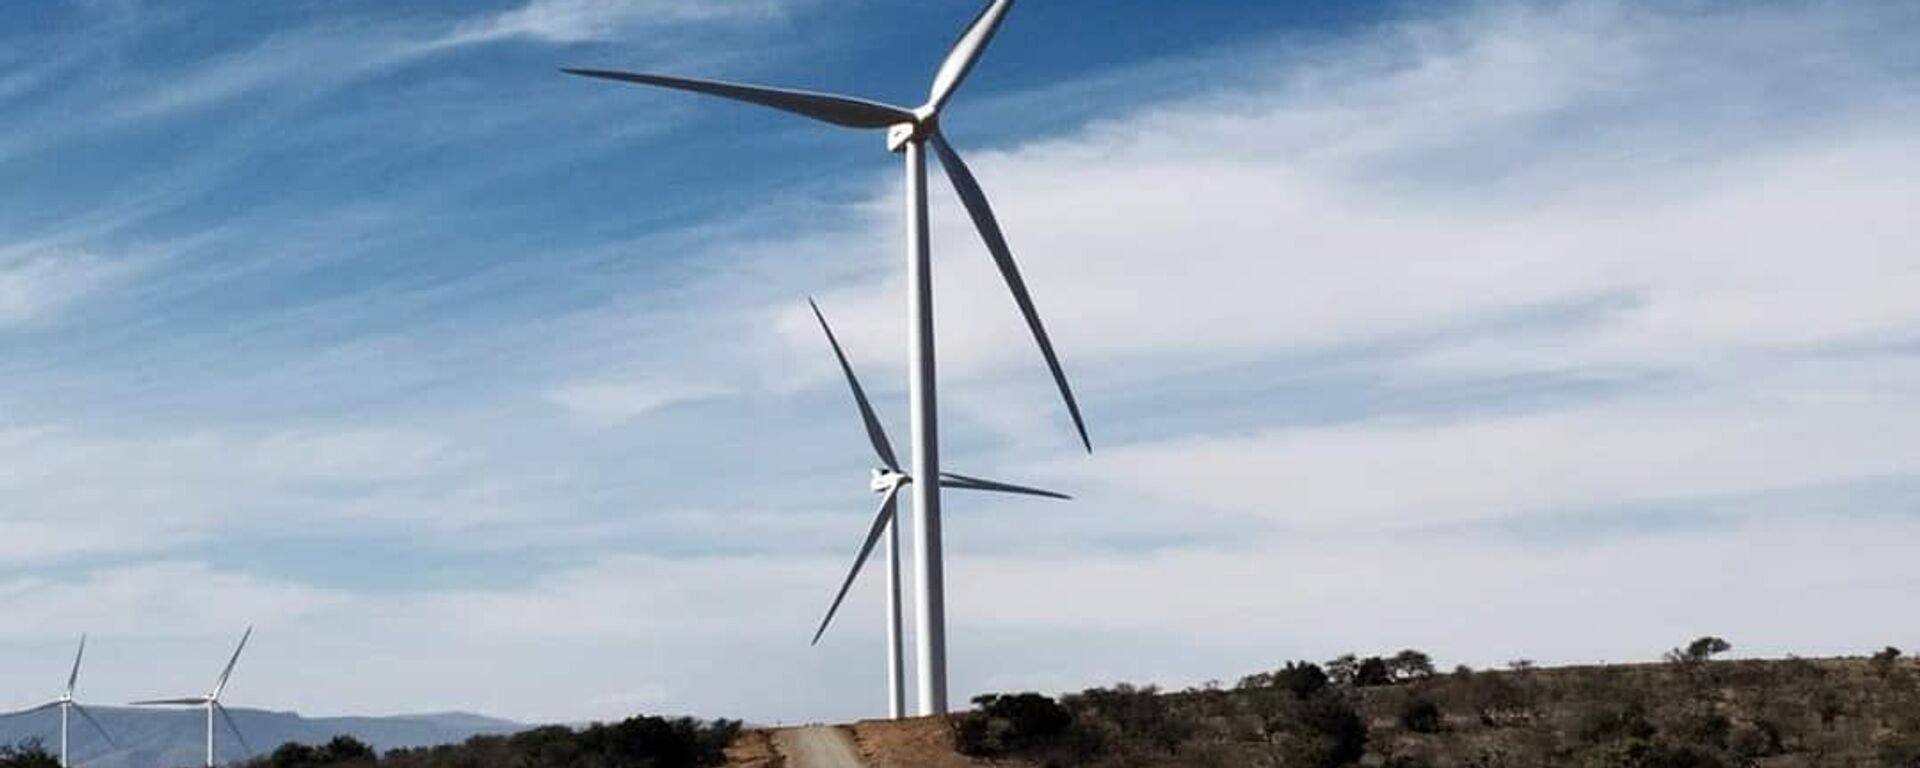 مزرعه بادی Oyster Bay ، ساخته شده توسط Enel Green Power در آفریقای جنوبی - Sputnik ایتالیا ، 1920 ، 21.09.2021